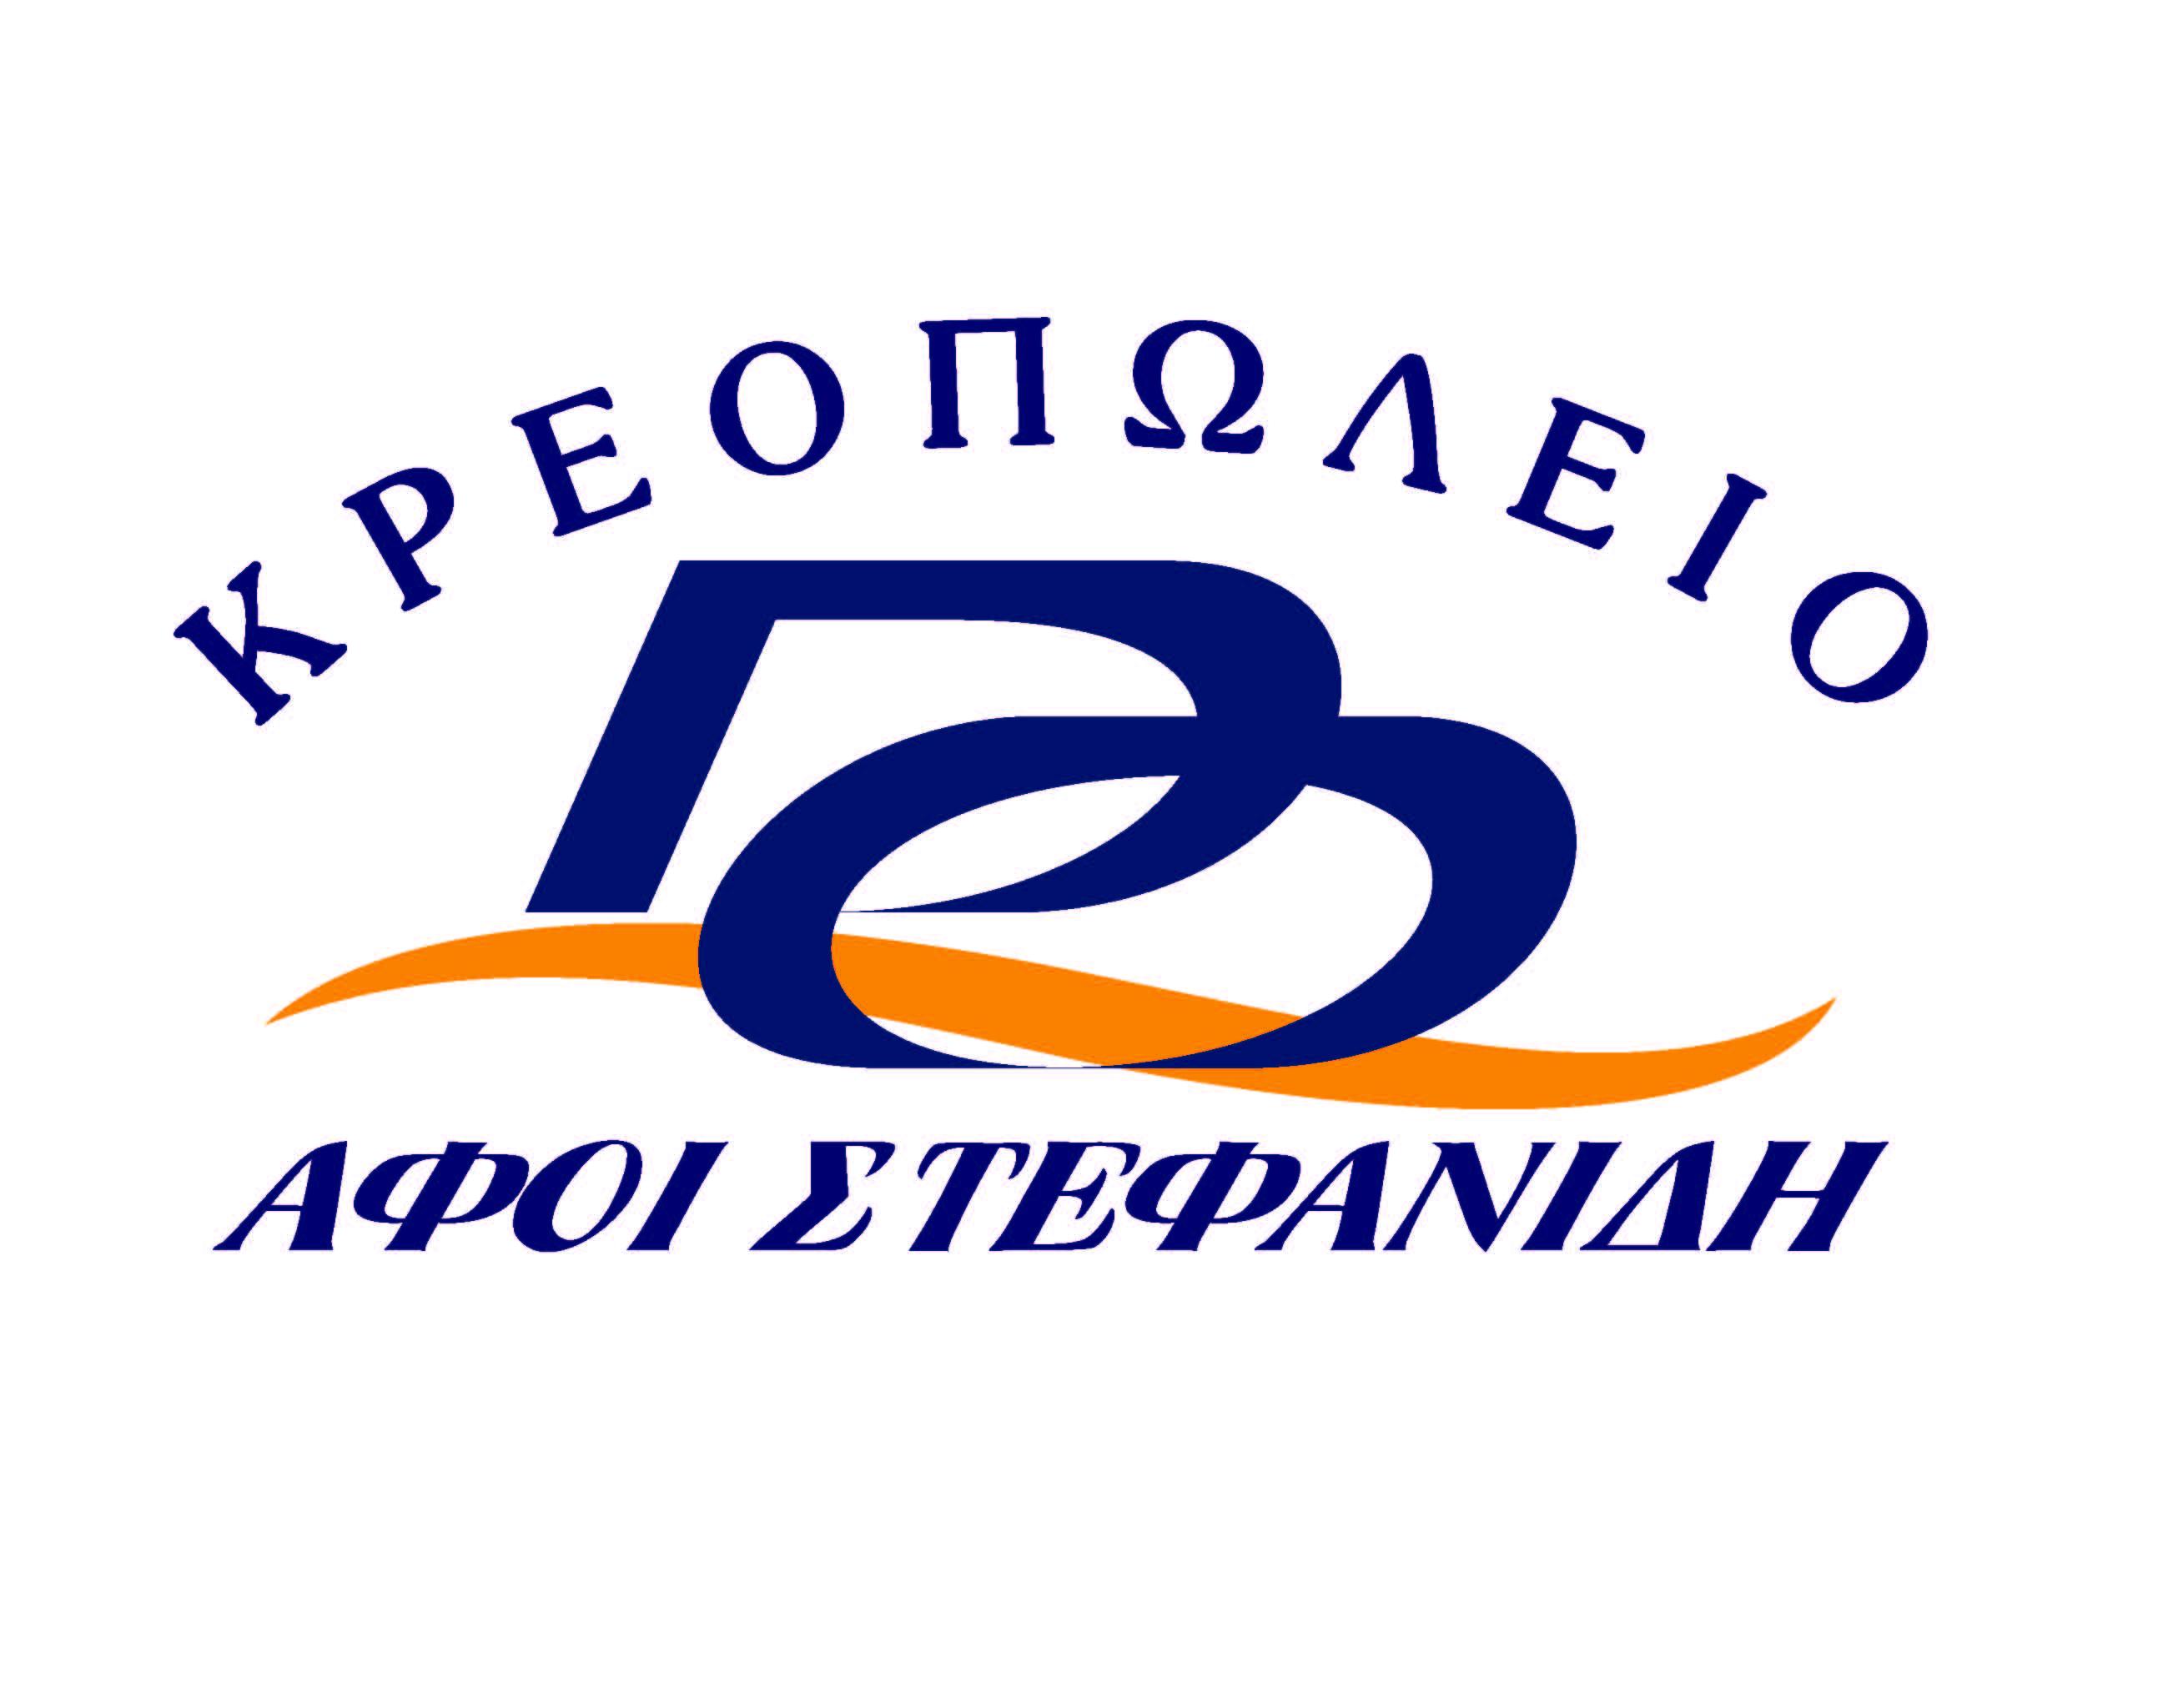 http://oreokastro2014.blogspot.gr/2014/04/2310-694445.html